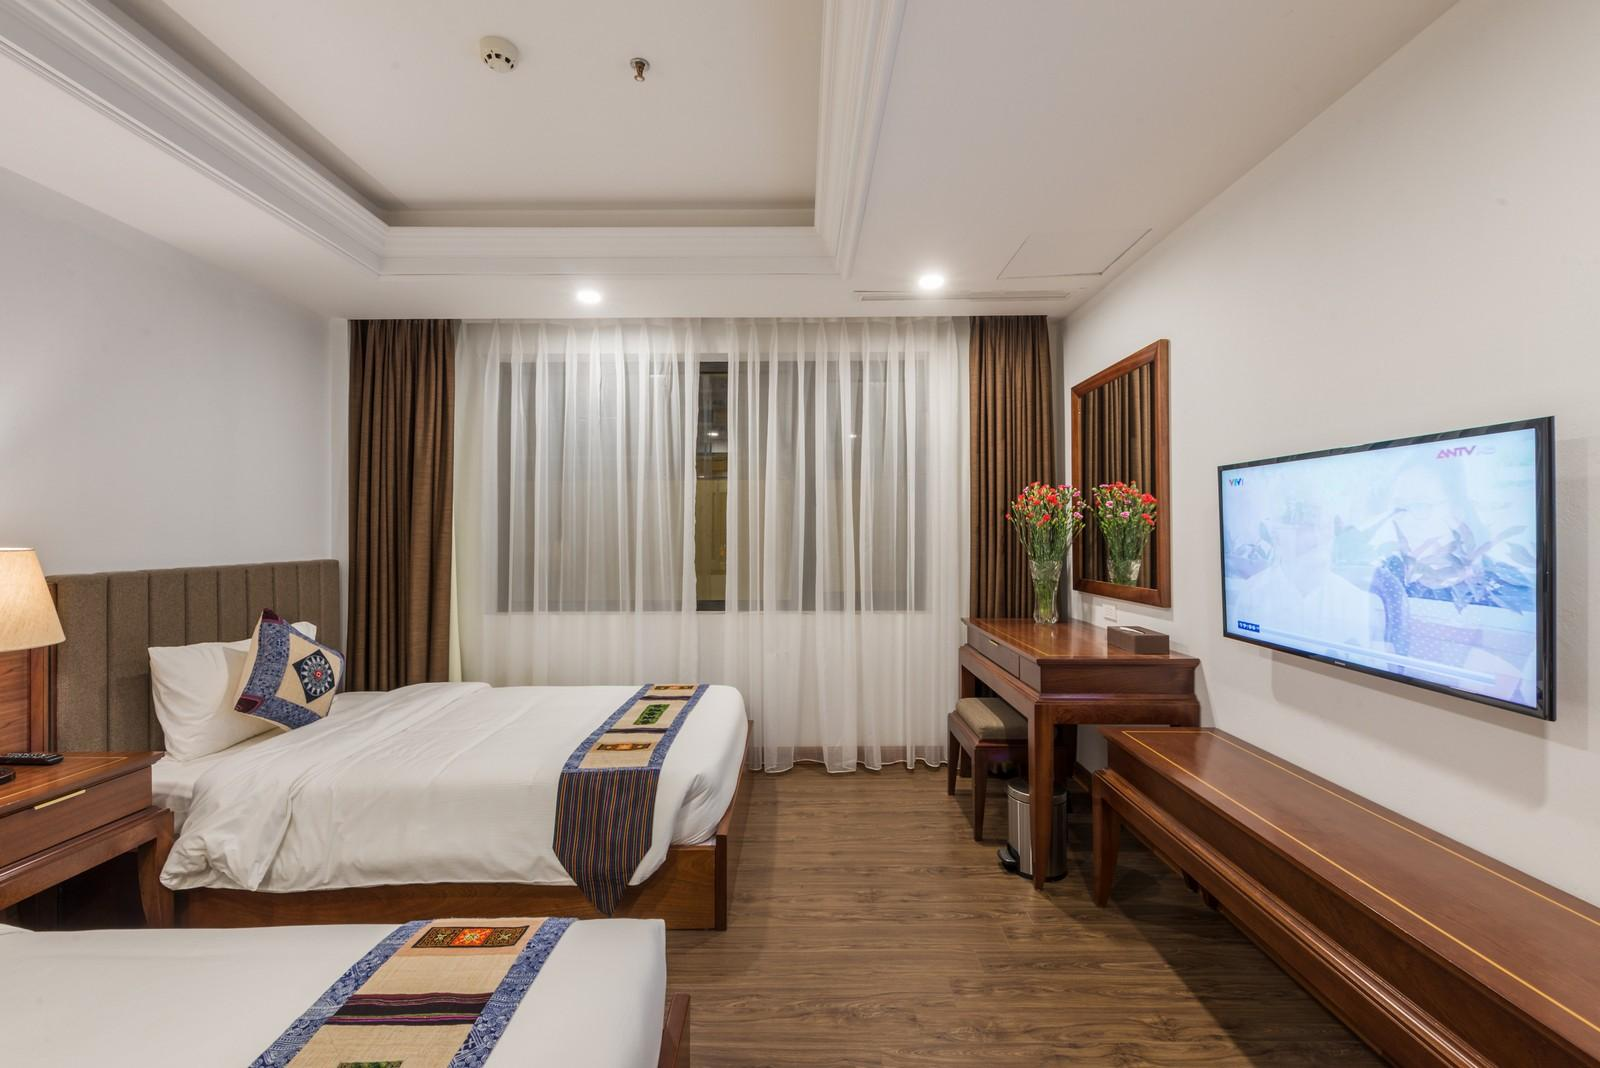 Không gian bên trong phòng superior tại Bamboo hotel - Nguồn ảnh: Internet